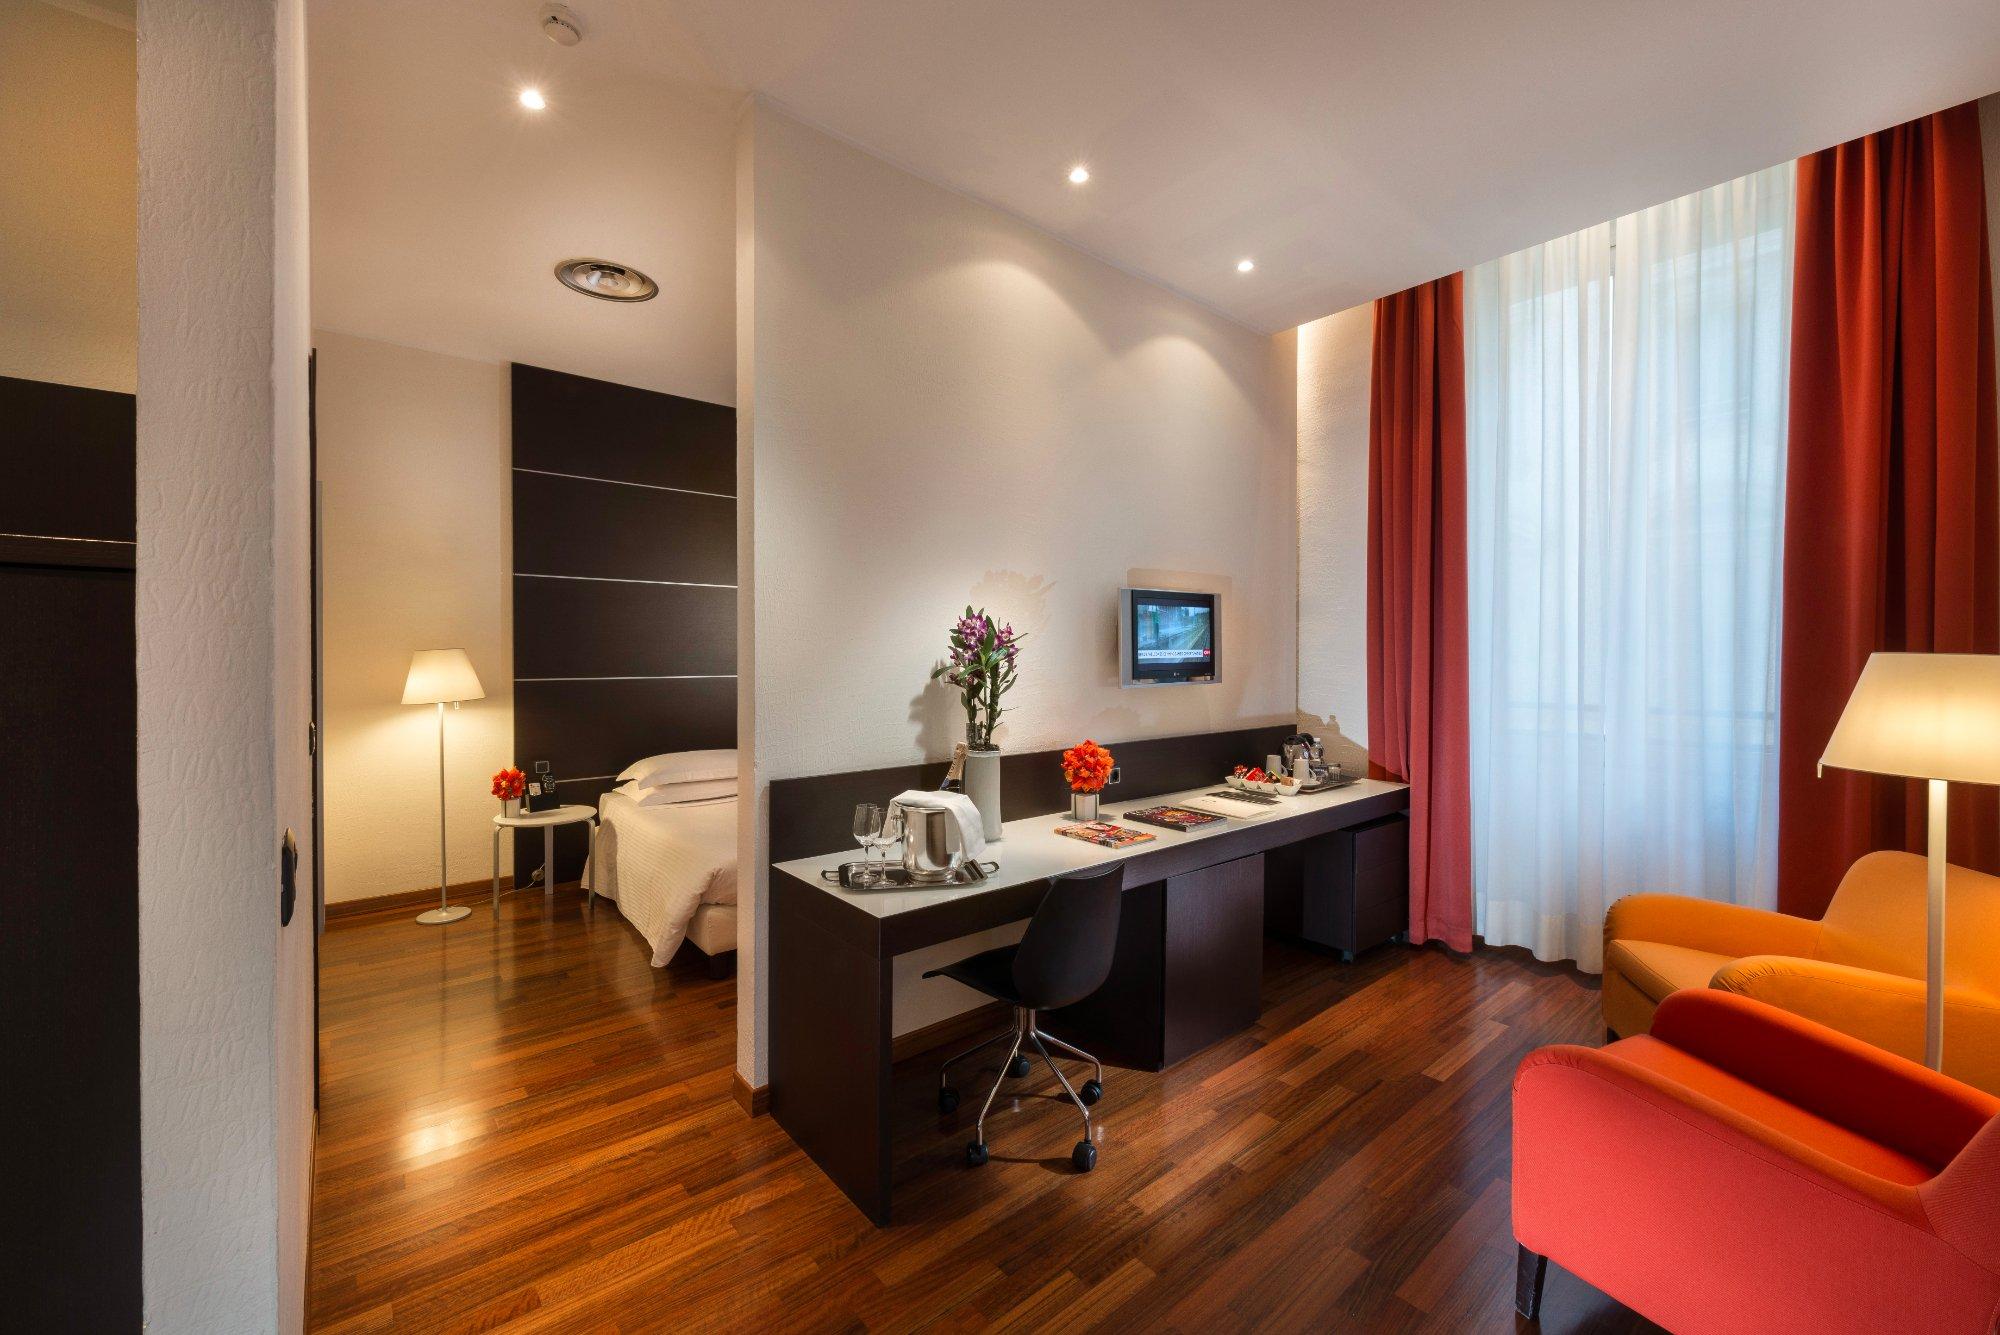 타운 하우스 70 스위트 호텔